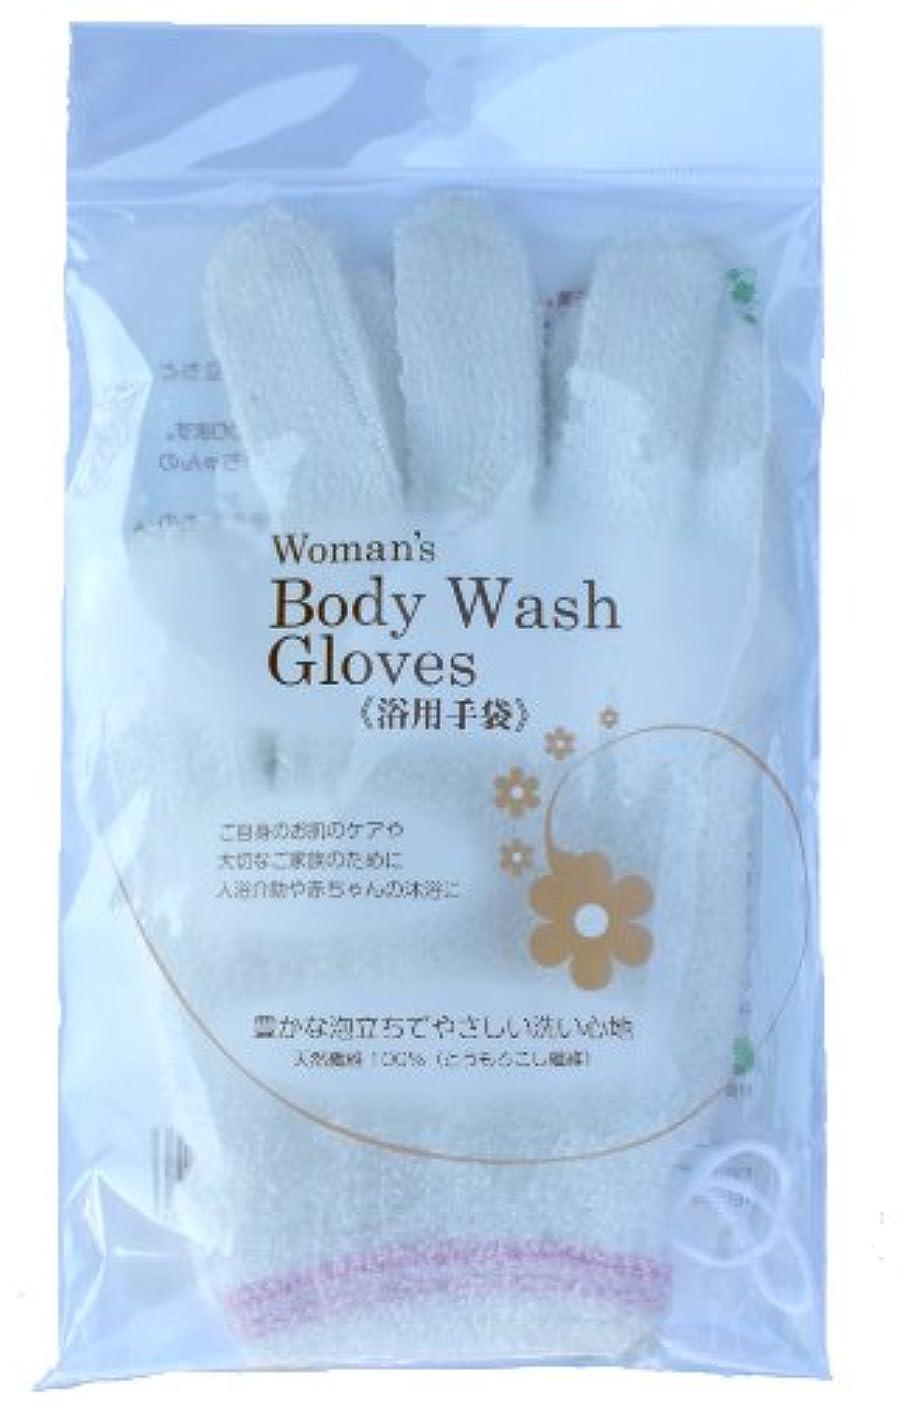 祝福ビュッフェ測定可能エフケー工業 Body Wash Gloves (浴用手袋)